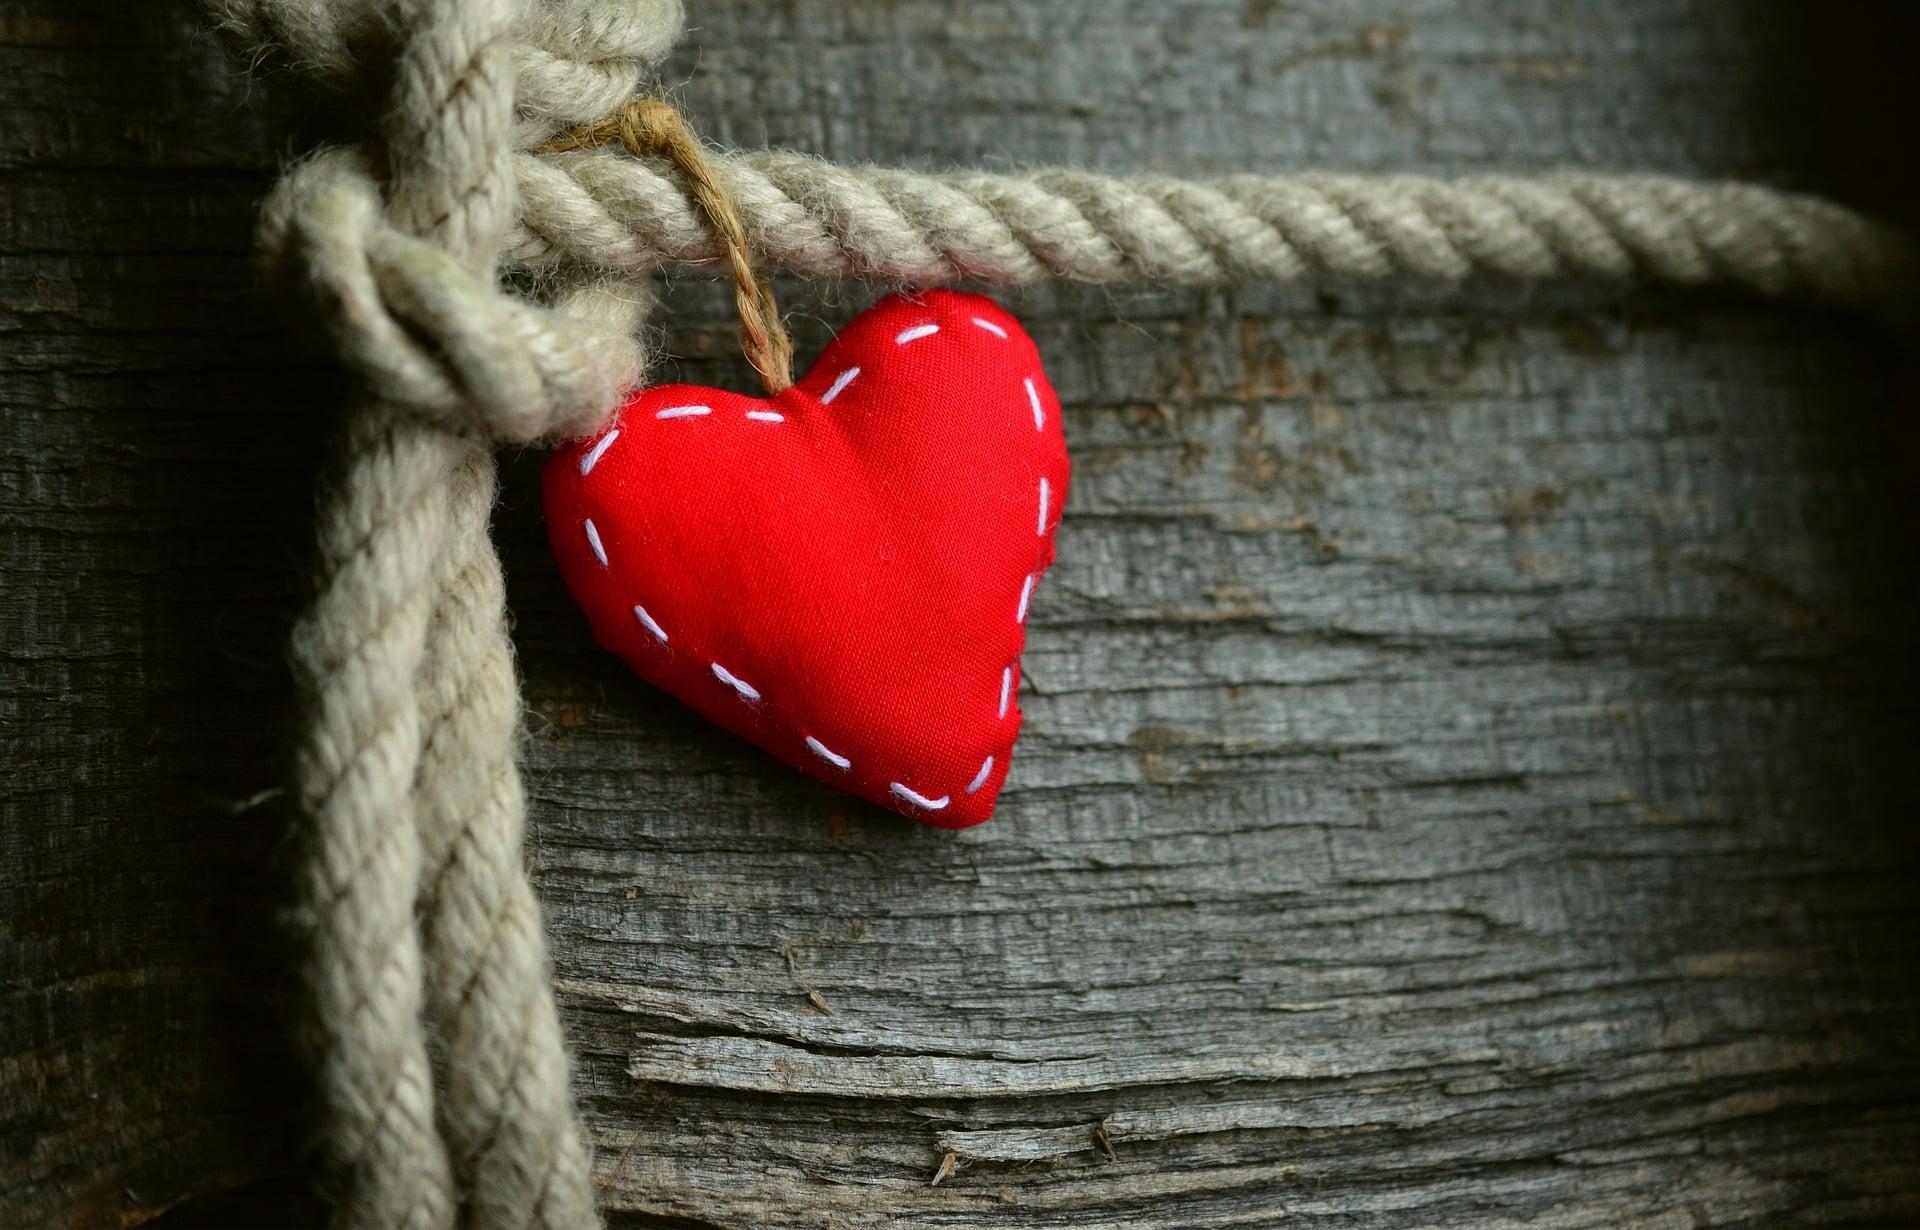 Citation À la recherche d'un tremblement de cœur